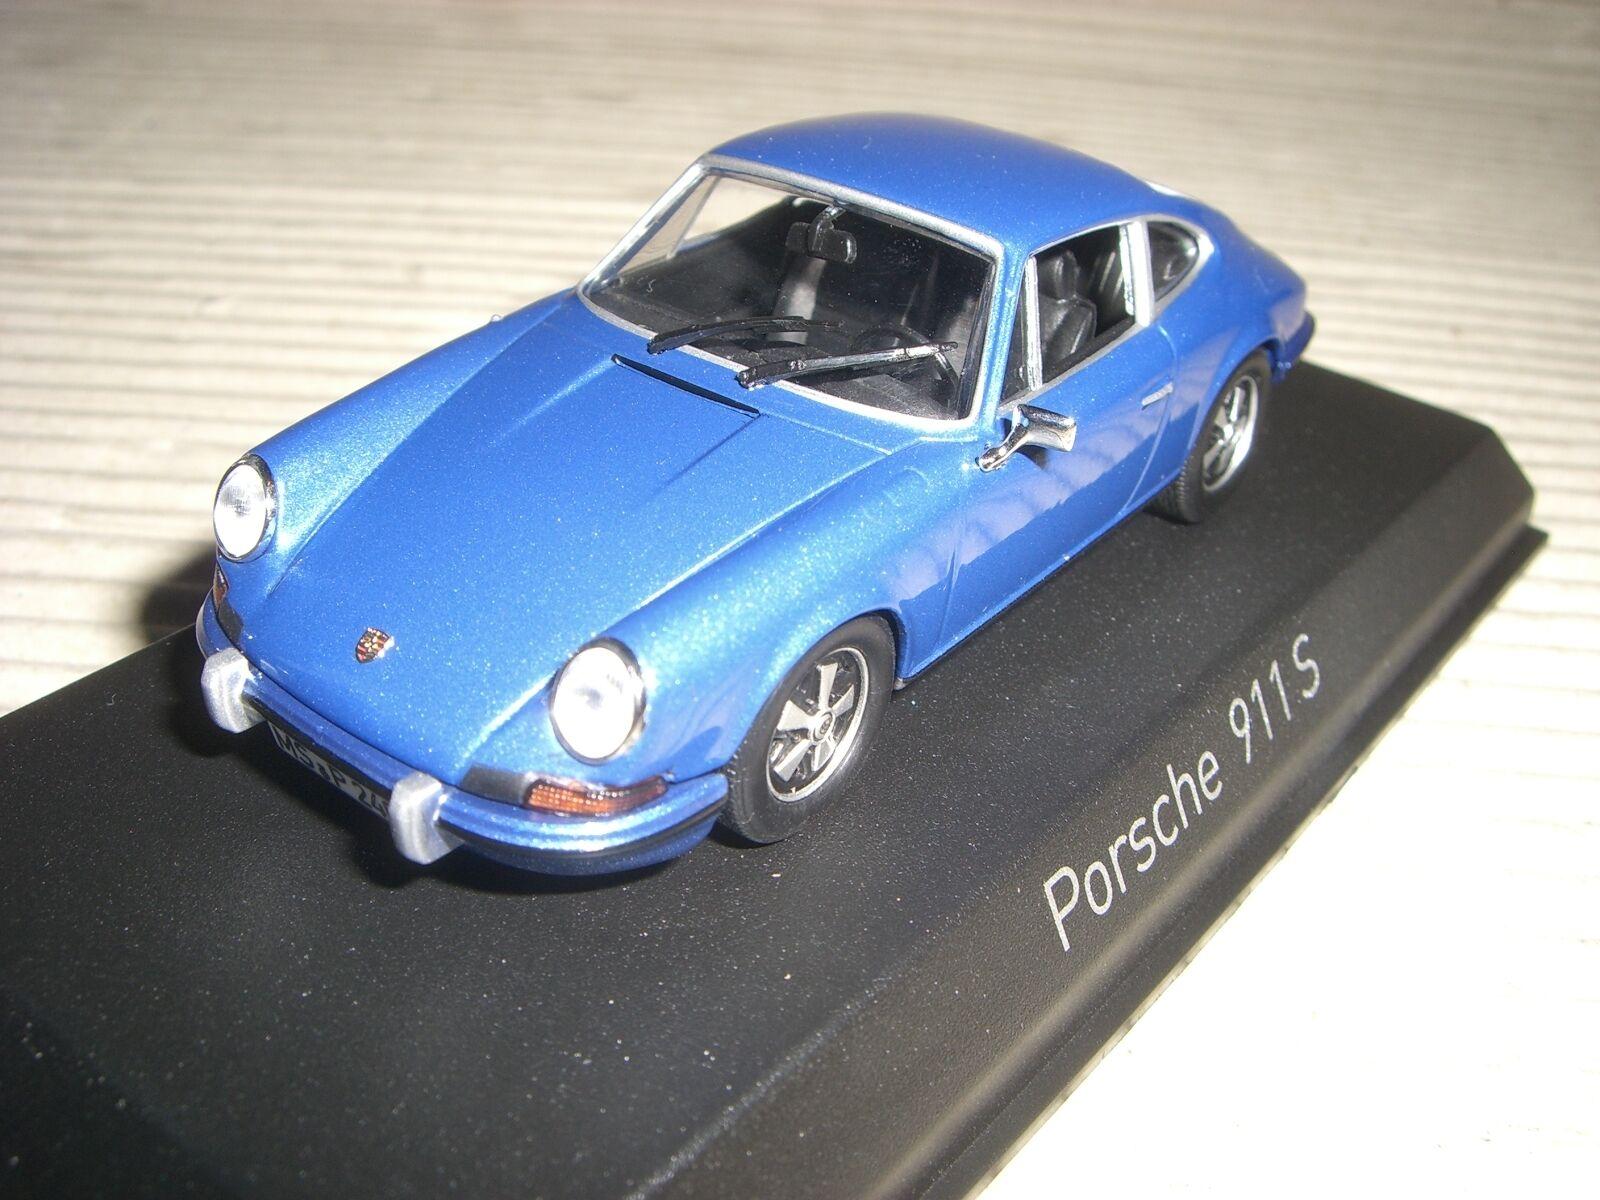 Norev Porsche 911 S 2,4L 1973 1973 1973 blue mét. 1 43 750055 c94d27